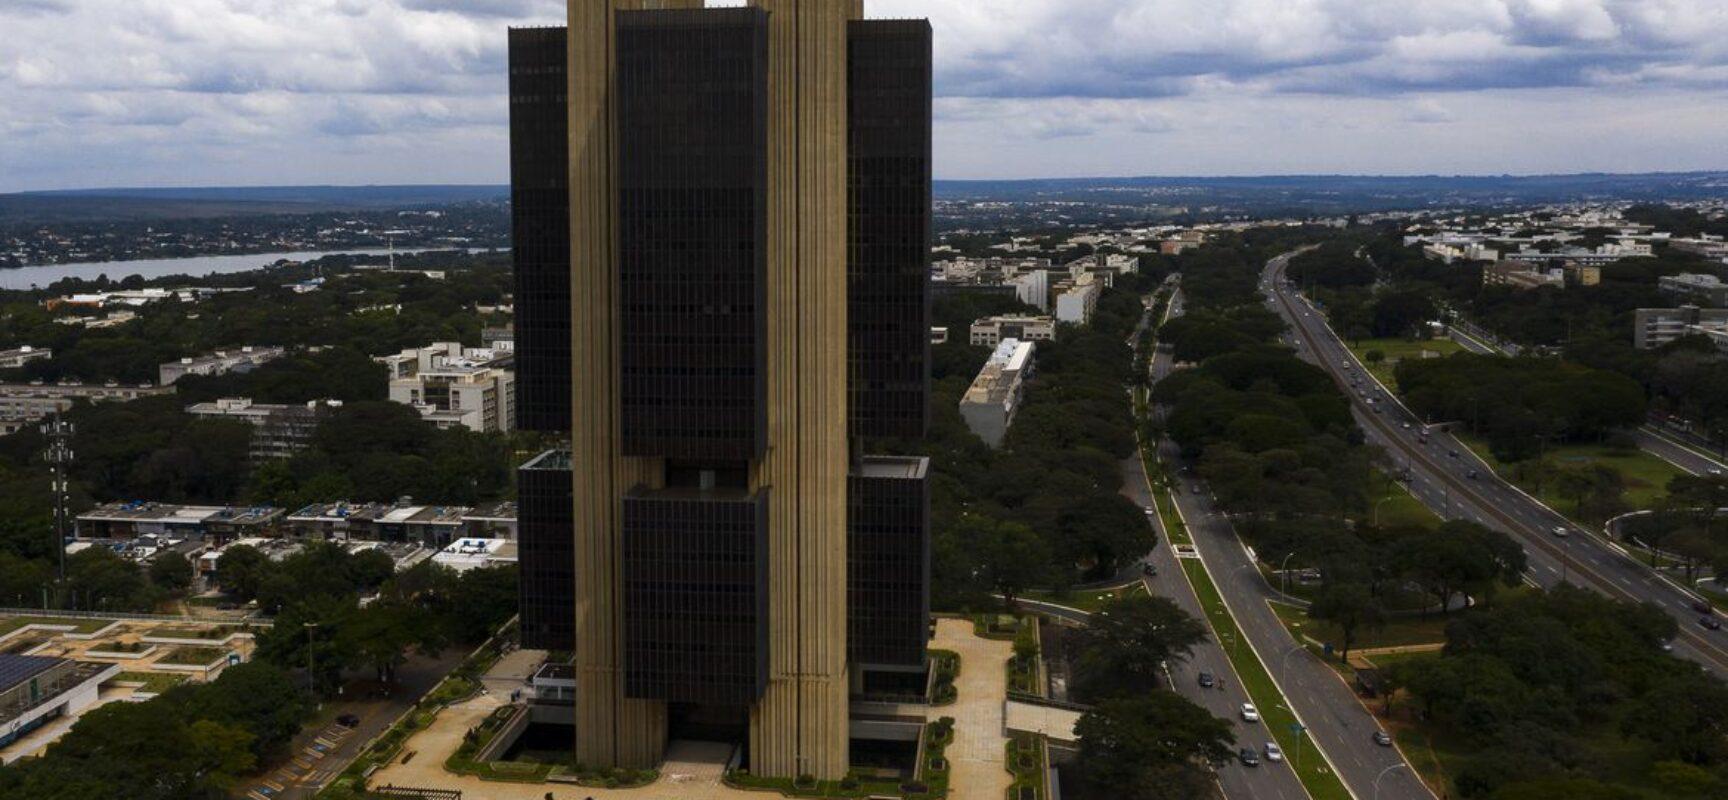 Gastos em condomínios aumentam mais de 20% em 1 ano de pandemia